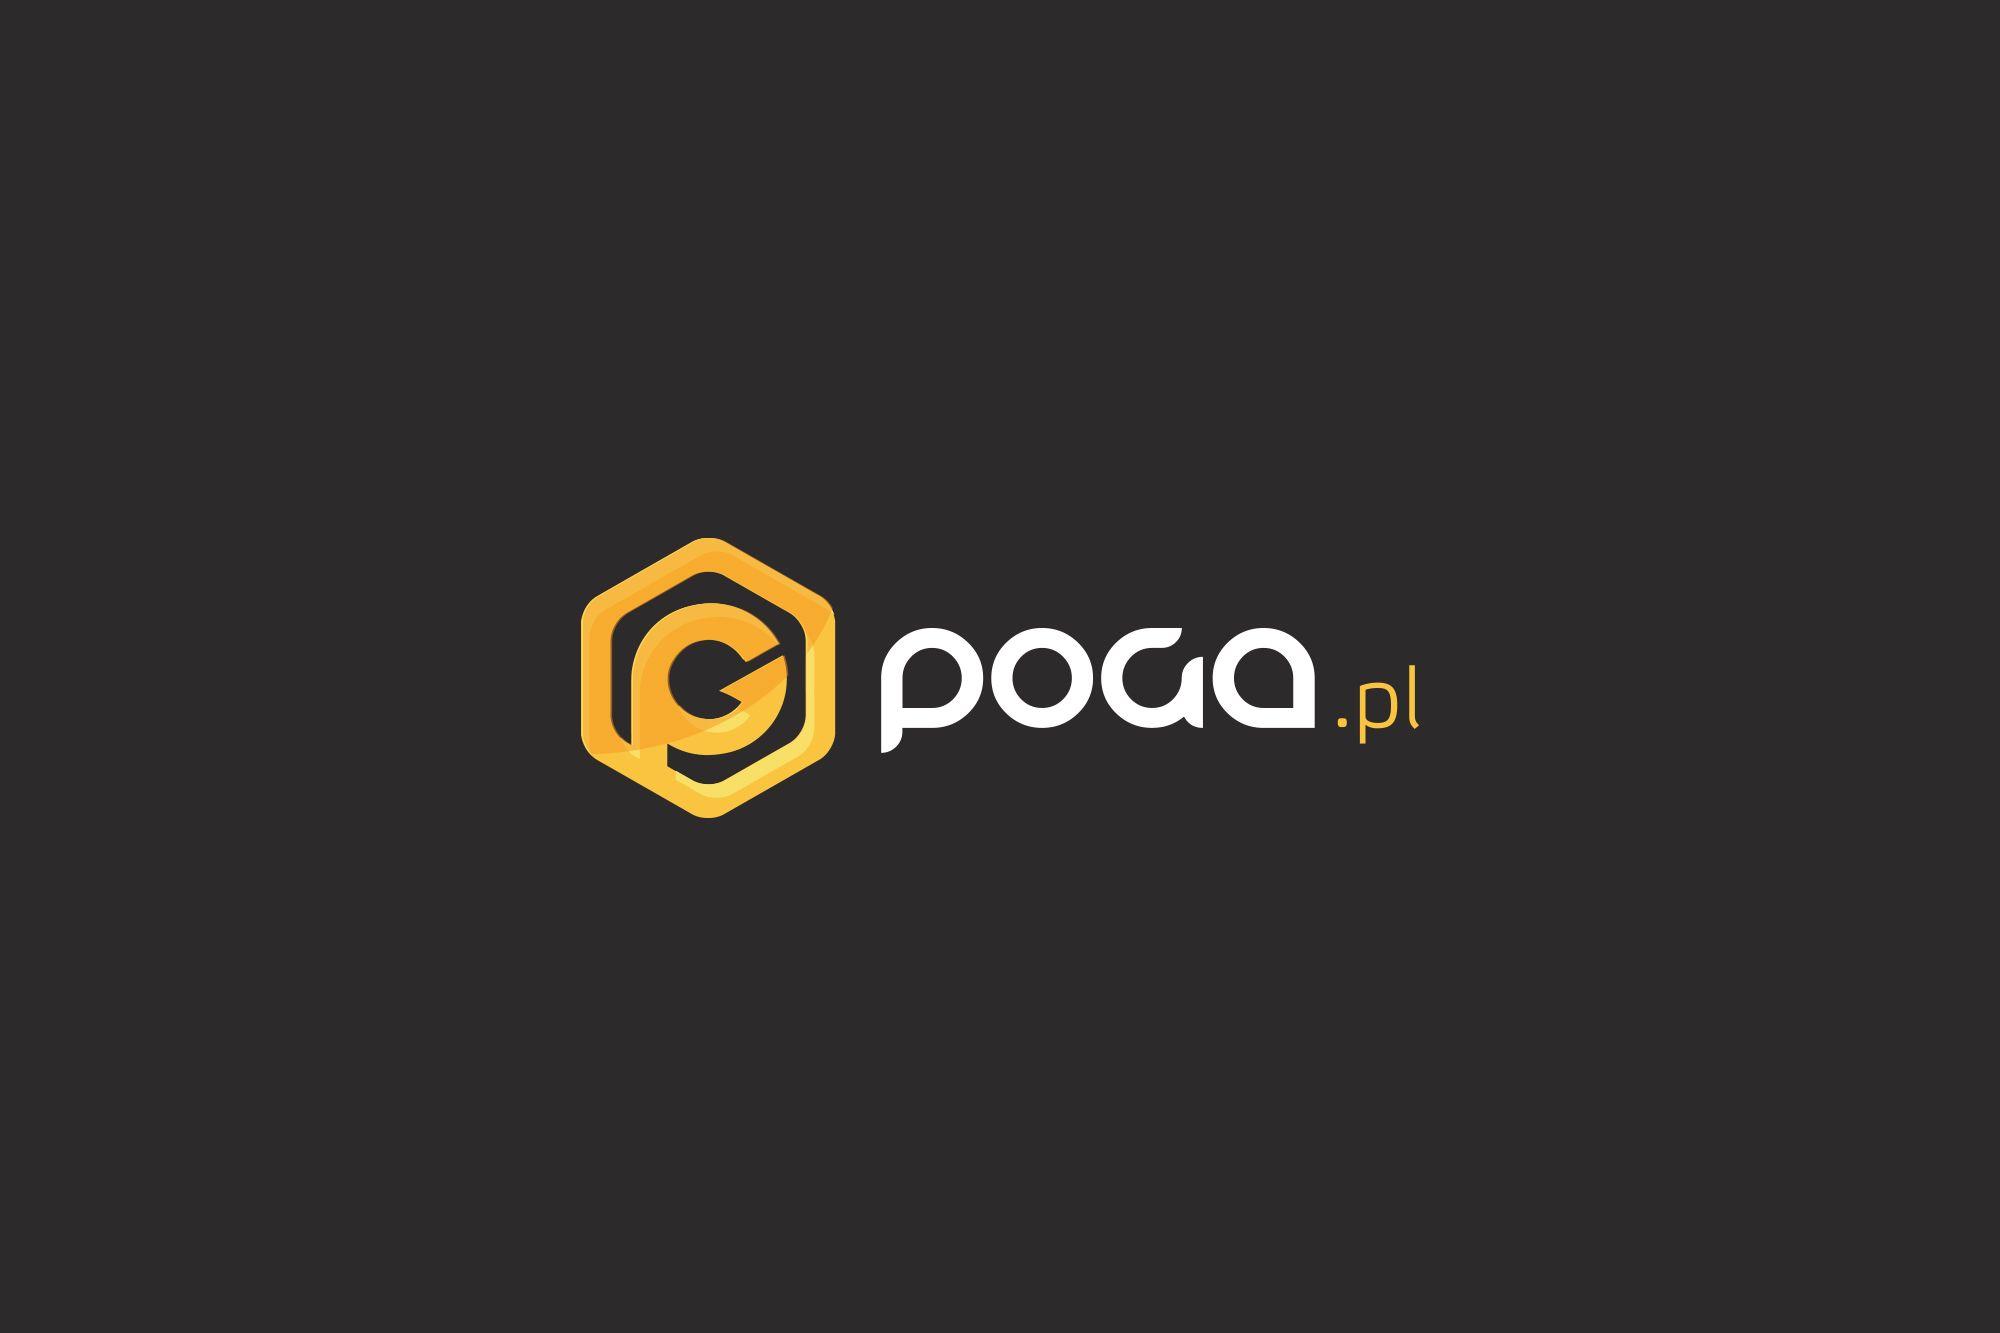 Логотип для POGA или POGA.pl - дизайнер Da4erry